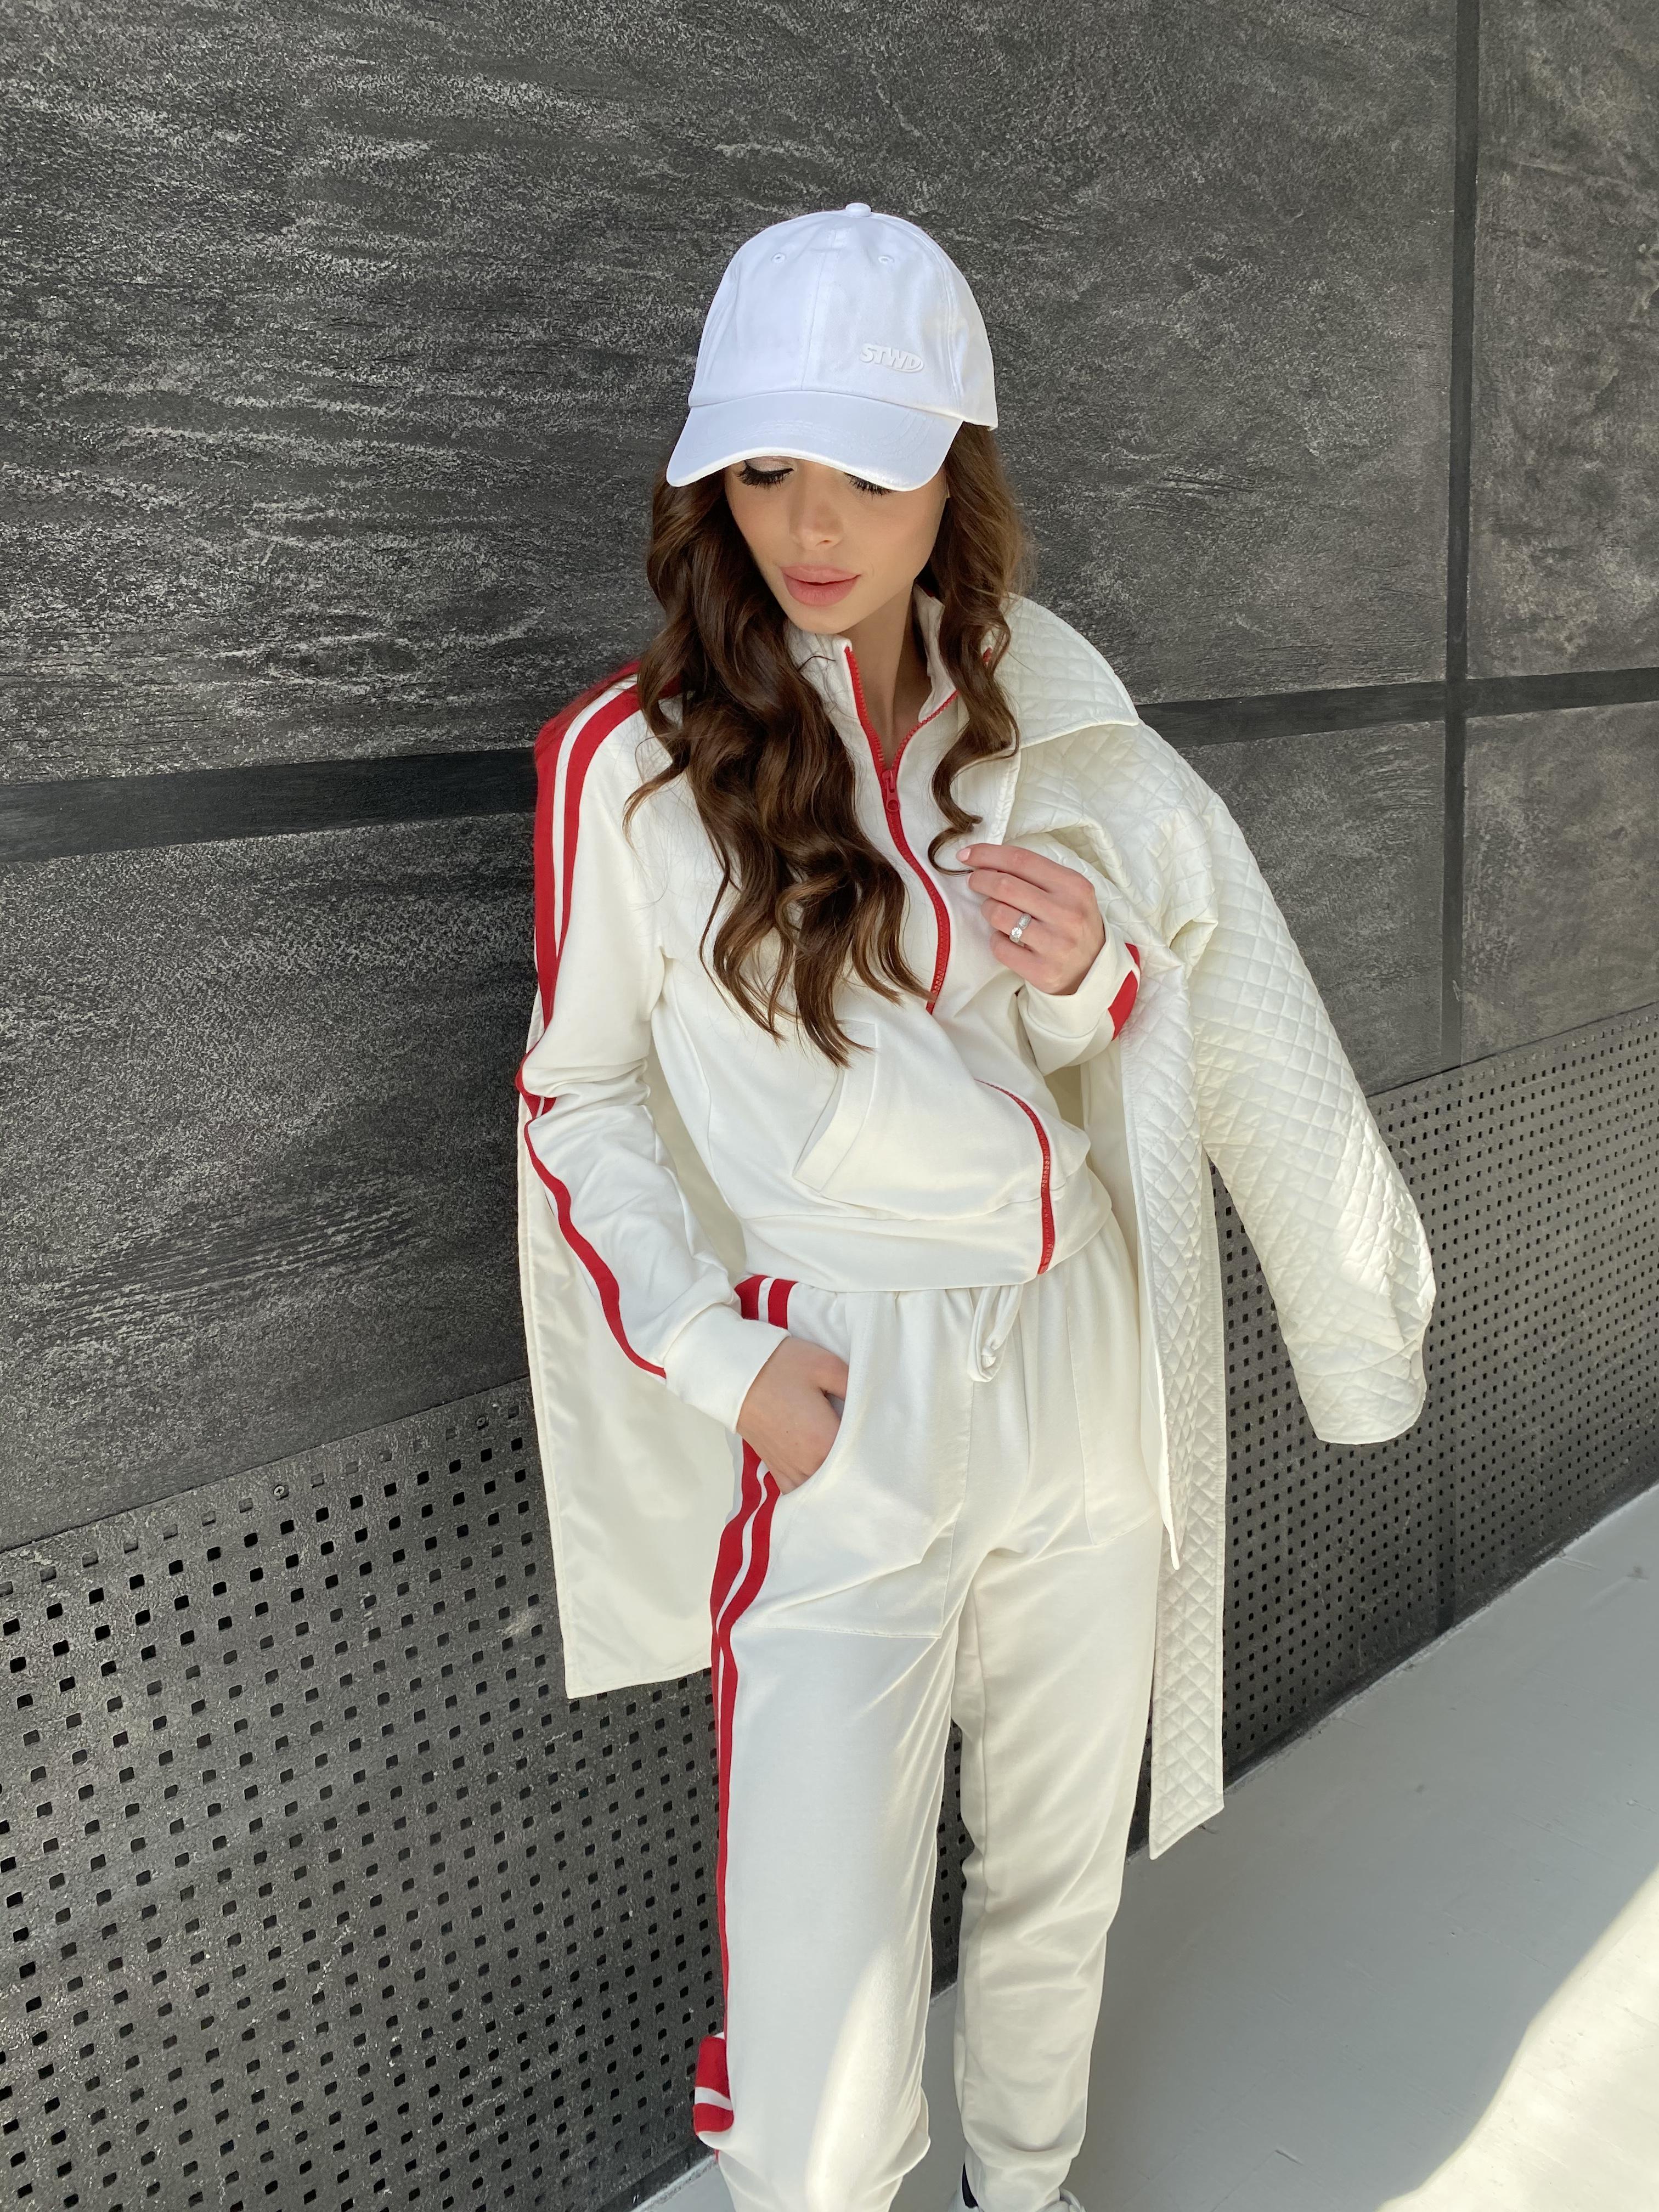 Камон костюм трикотажный из двунитки  9333 АРТ. 45761 Цвет: Молоко/красный - фото 2, интернет магазин tm-modus.ru